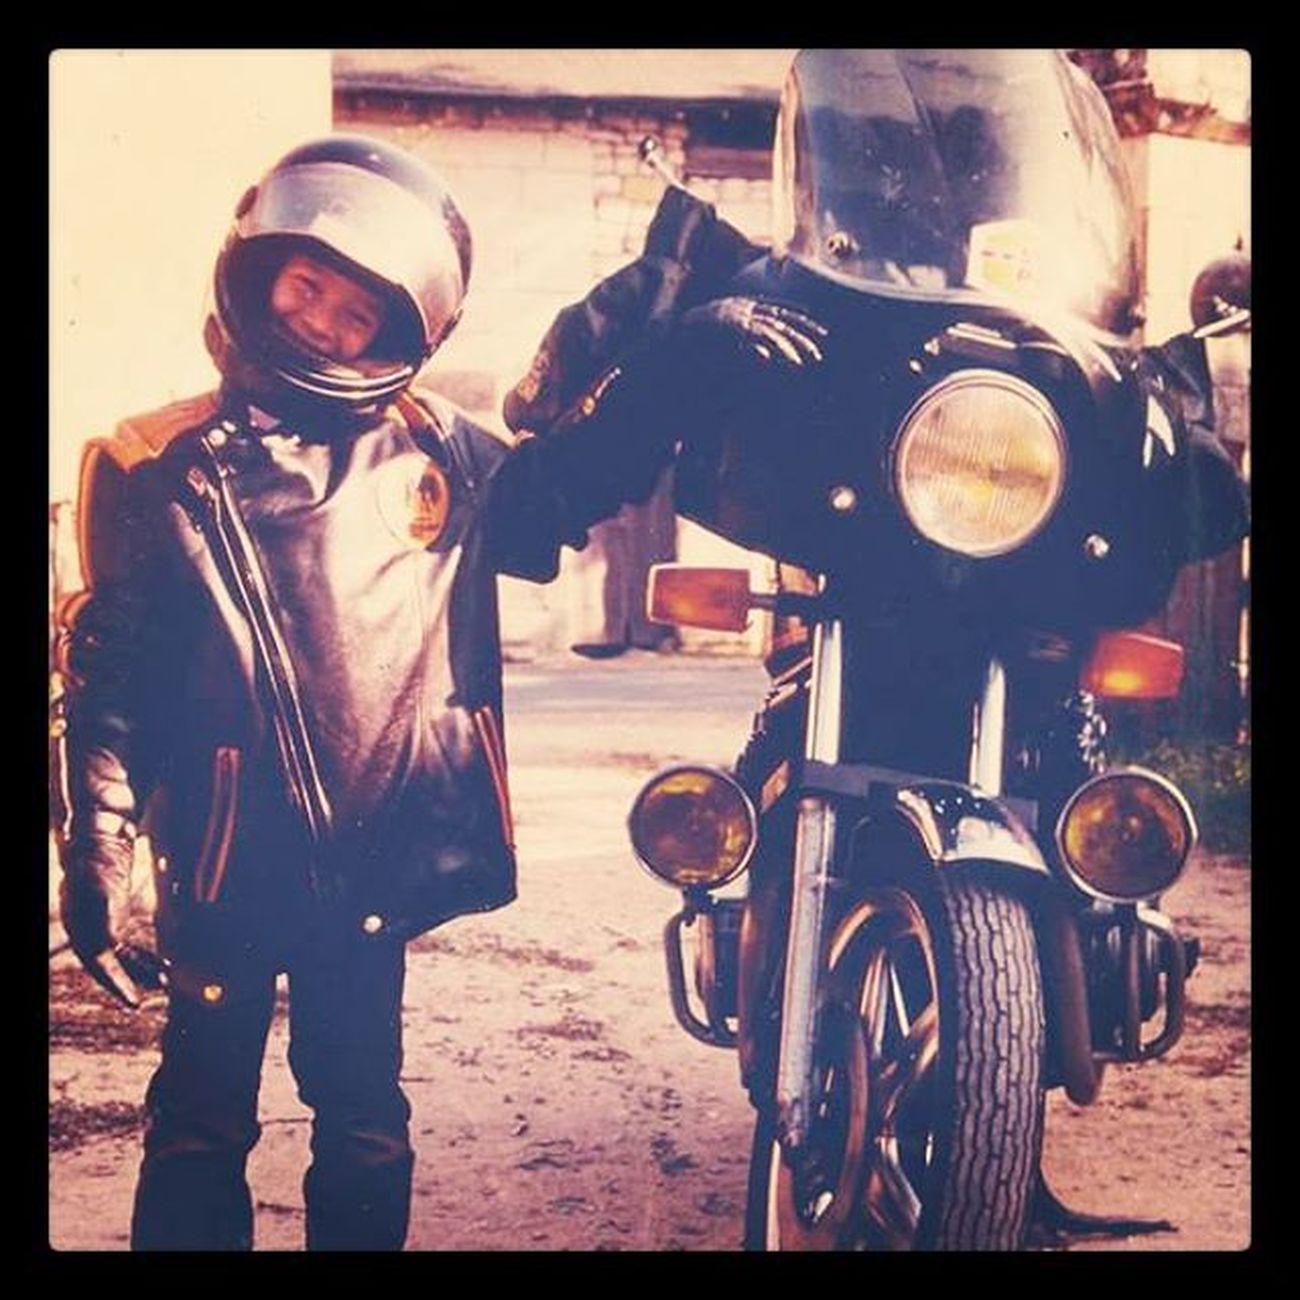 Moi, il y a pas mal d'années avec la moto de mon oncle. Et je me dis qu'un jour il faudrait que je passe le permis. Picoftheday Massivebd Igers Instagram moto bike vintage young me myself motorcycle 80s